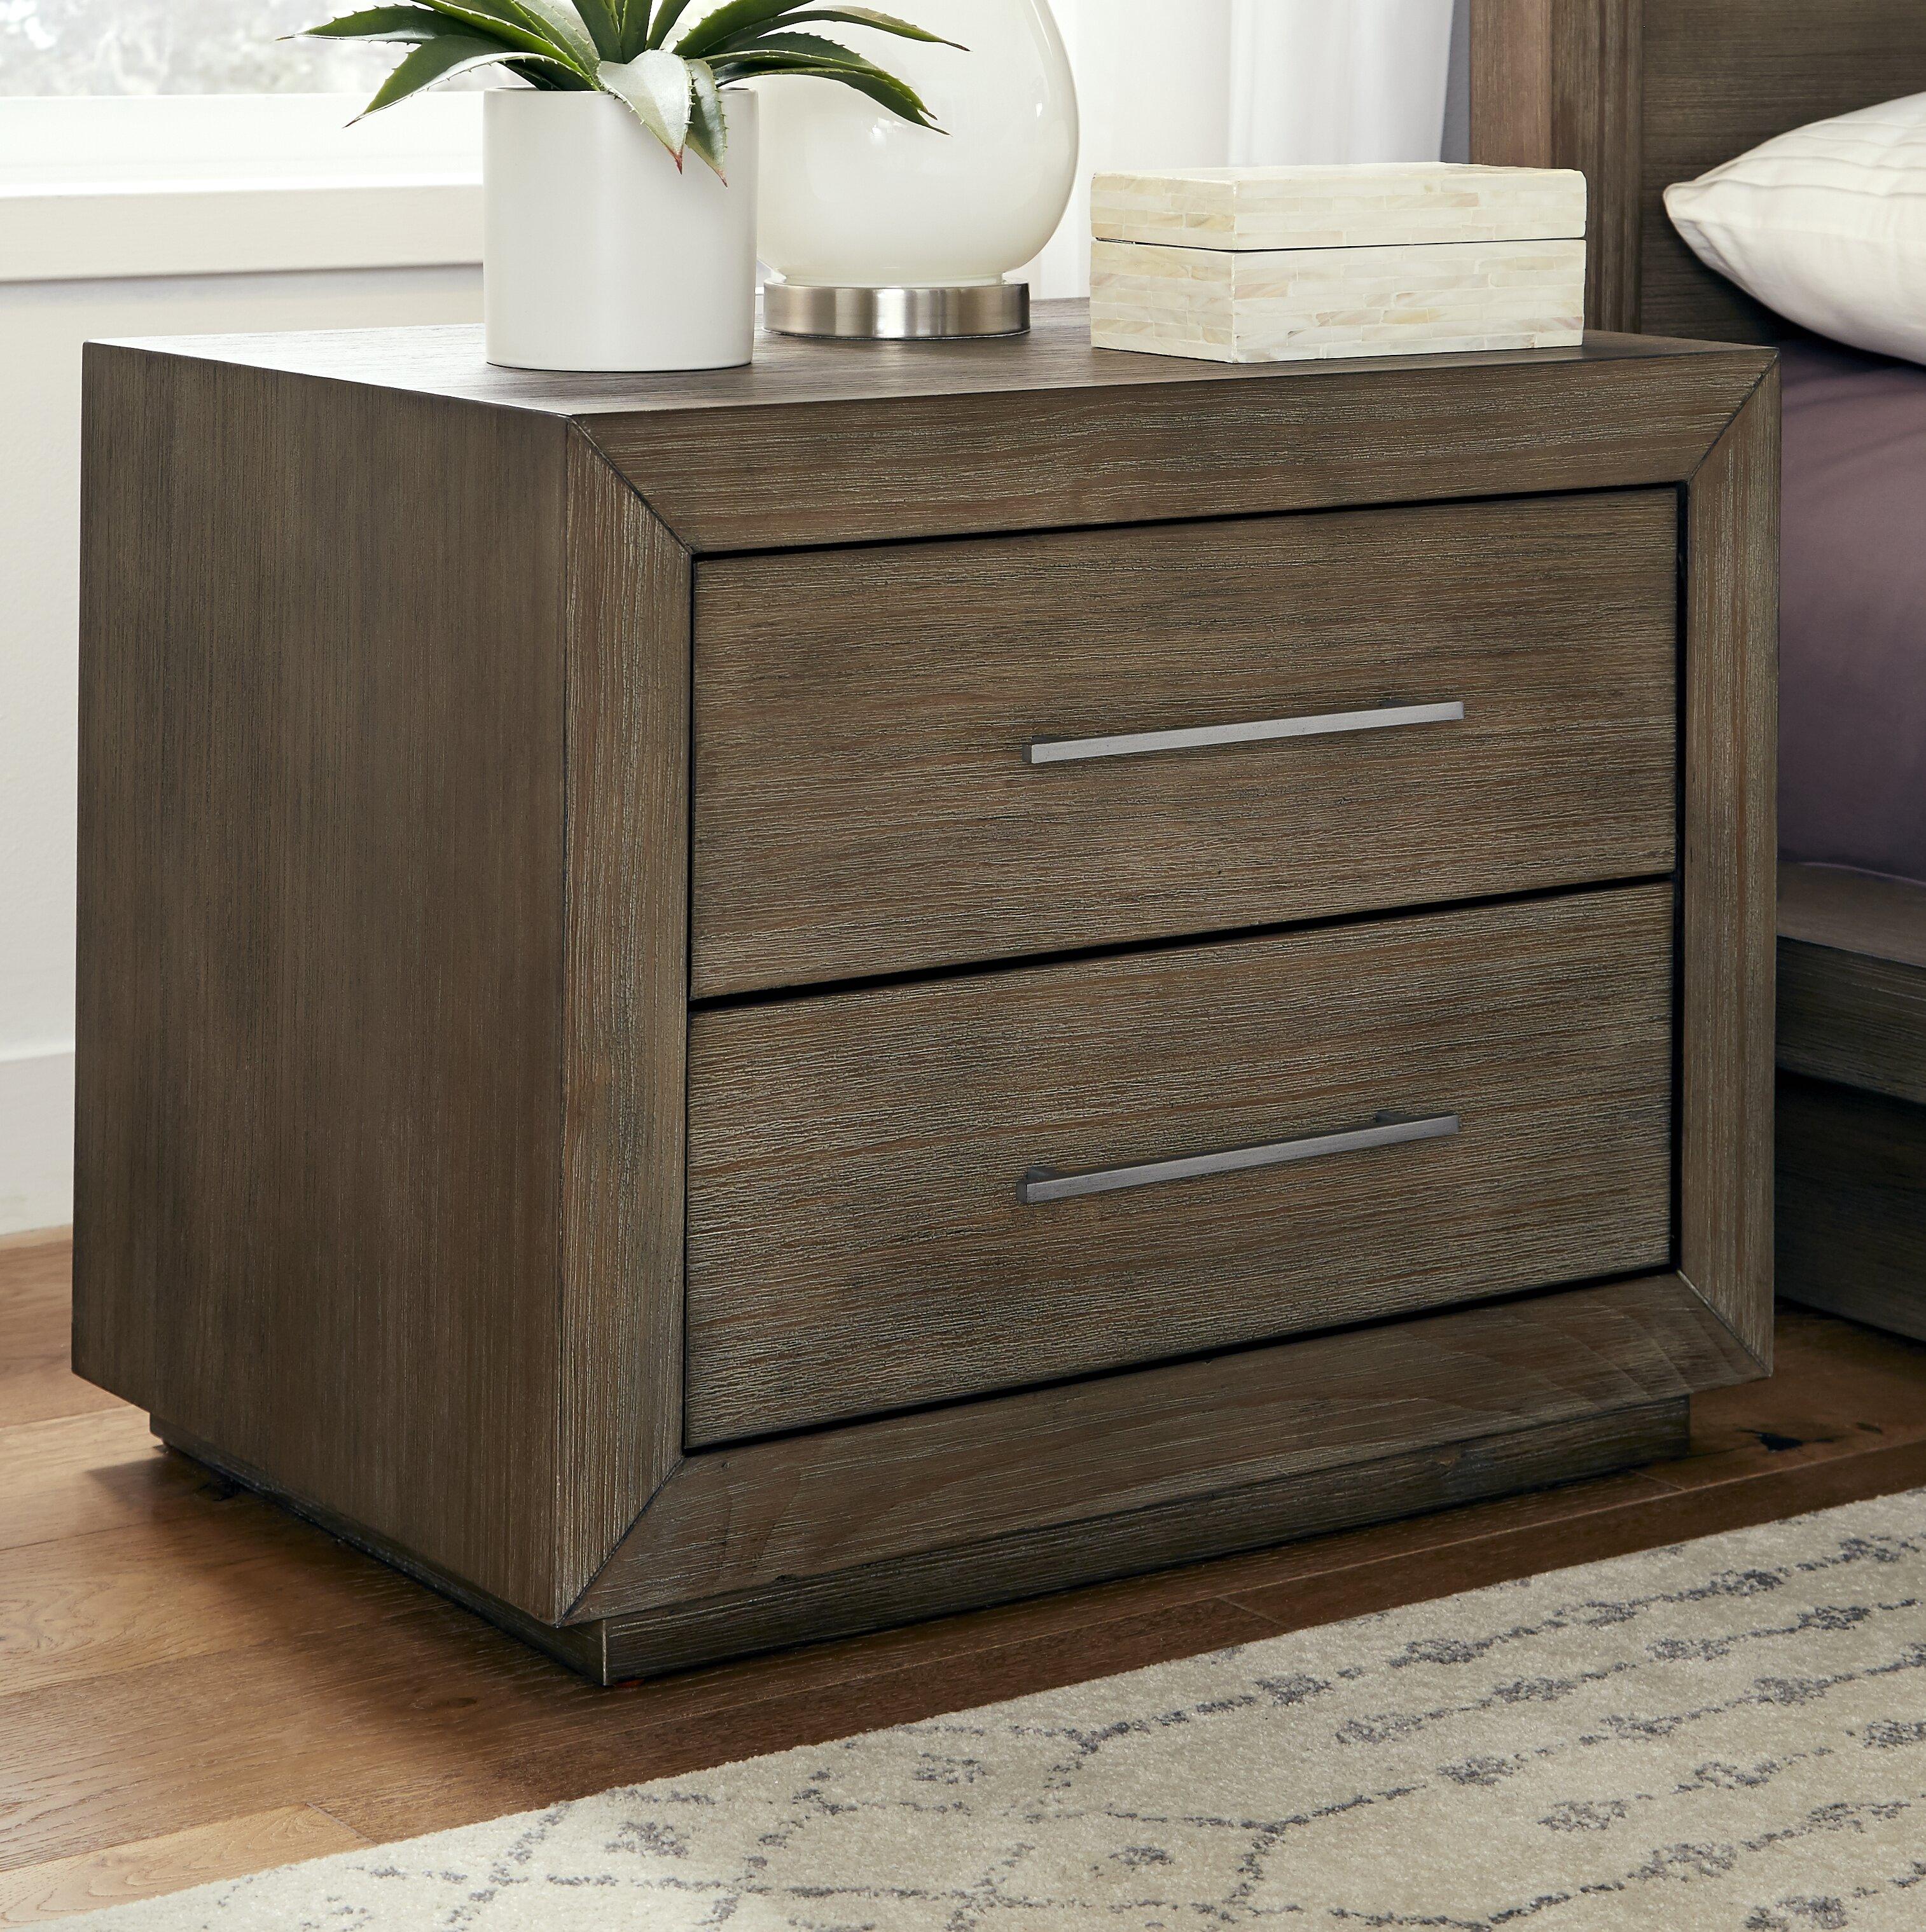 Joss Main Arruda 2 Drawer Solid Wood Nightstand In Brown Reviews Wayfair